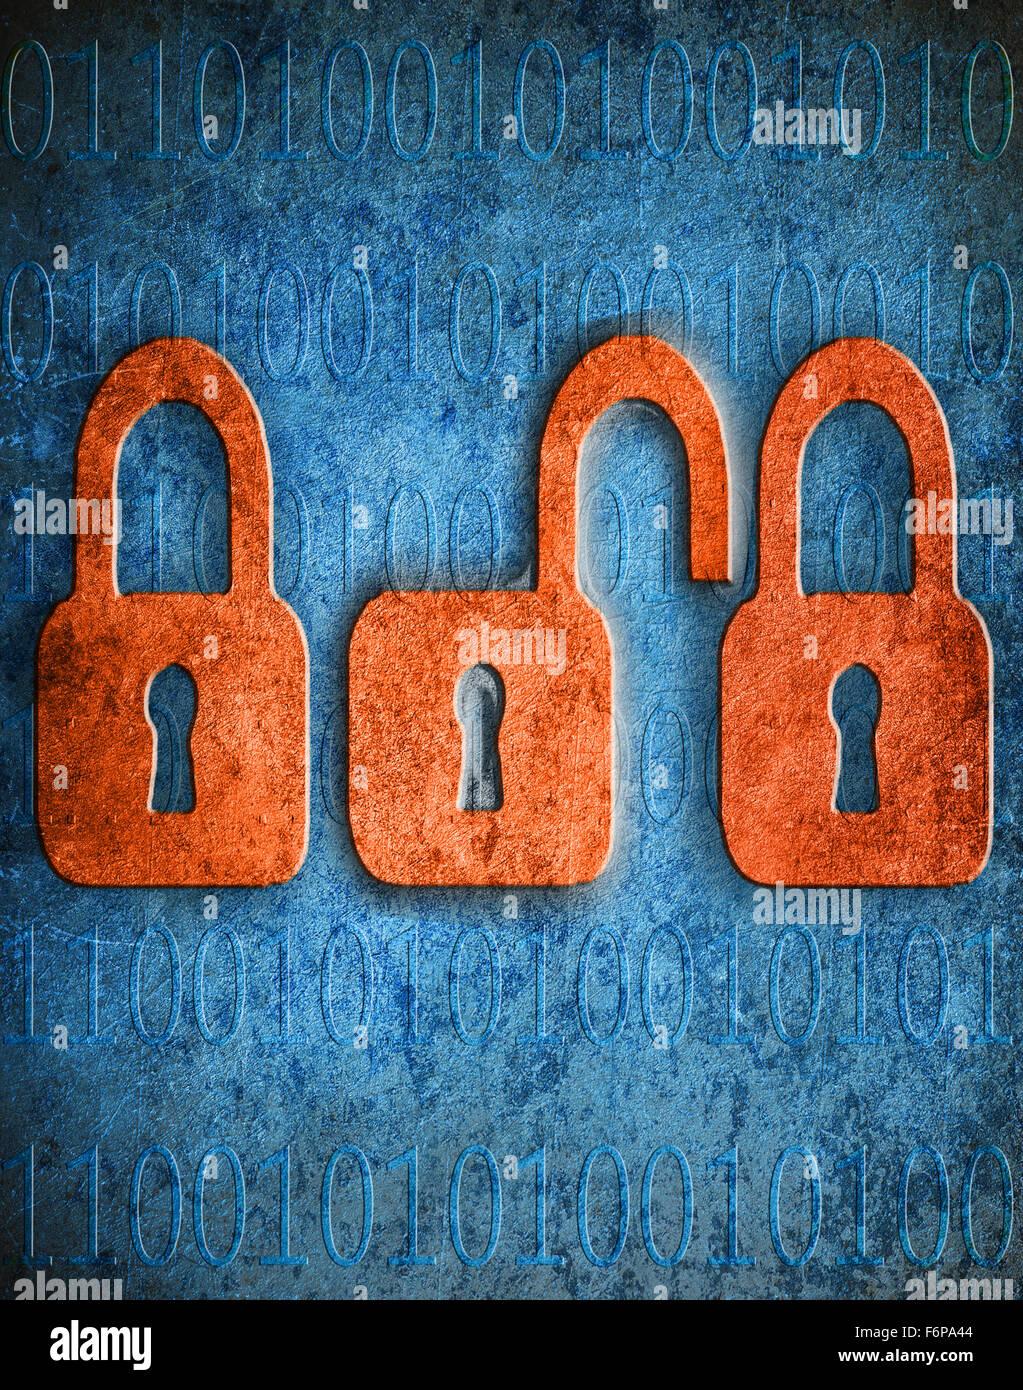 La sécurité numérique illustration numérique concept avec cadenas et copy space Photo Stock